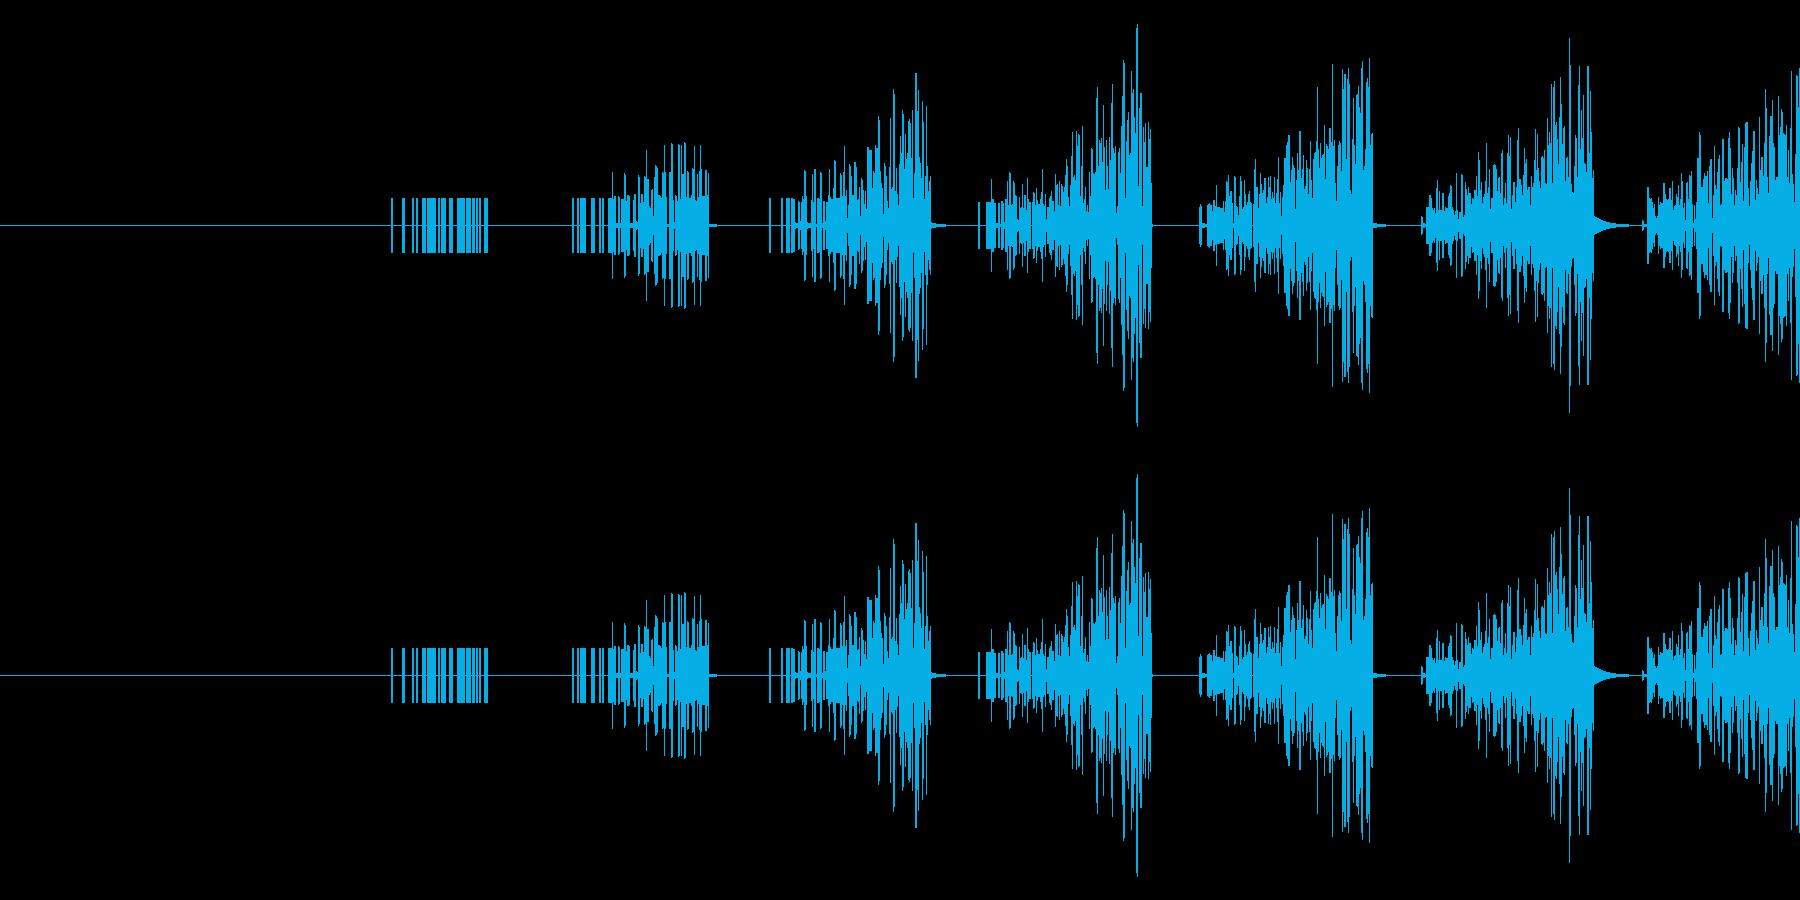 ザザザザザッ(ゲーム系の逃走音)の再生済みの波形